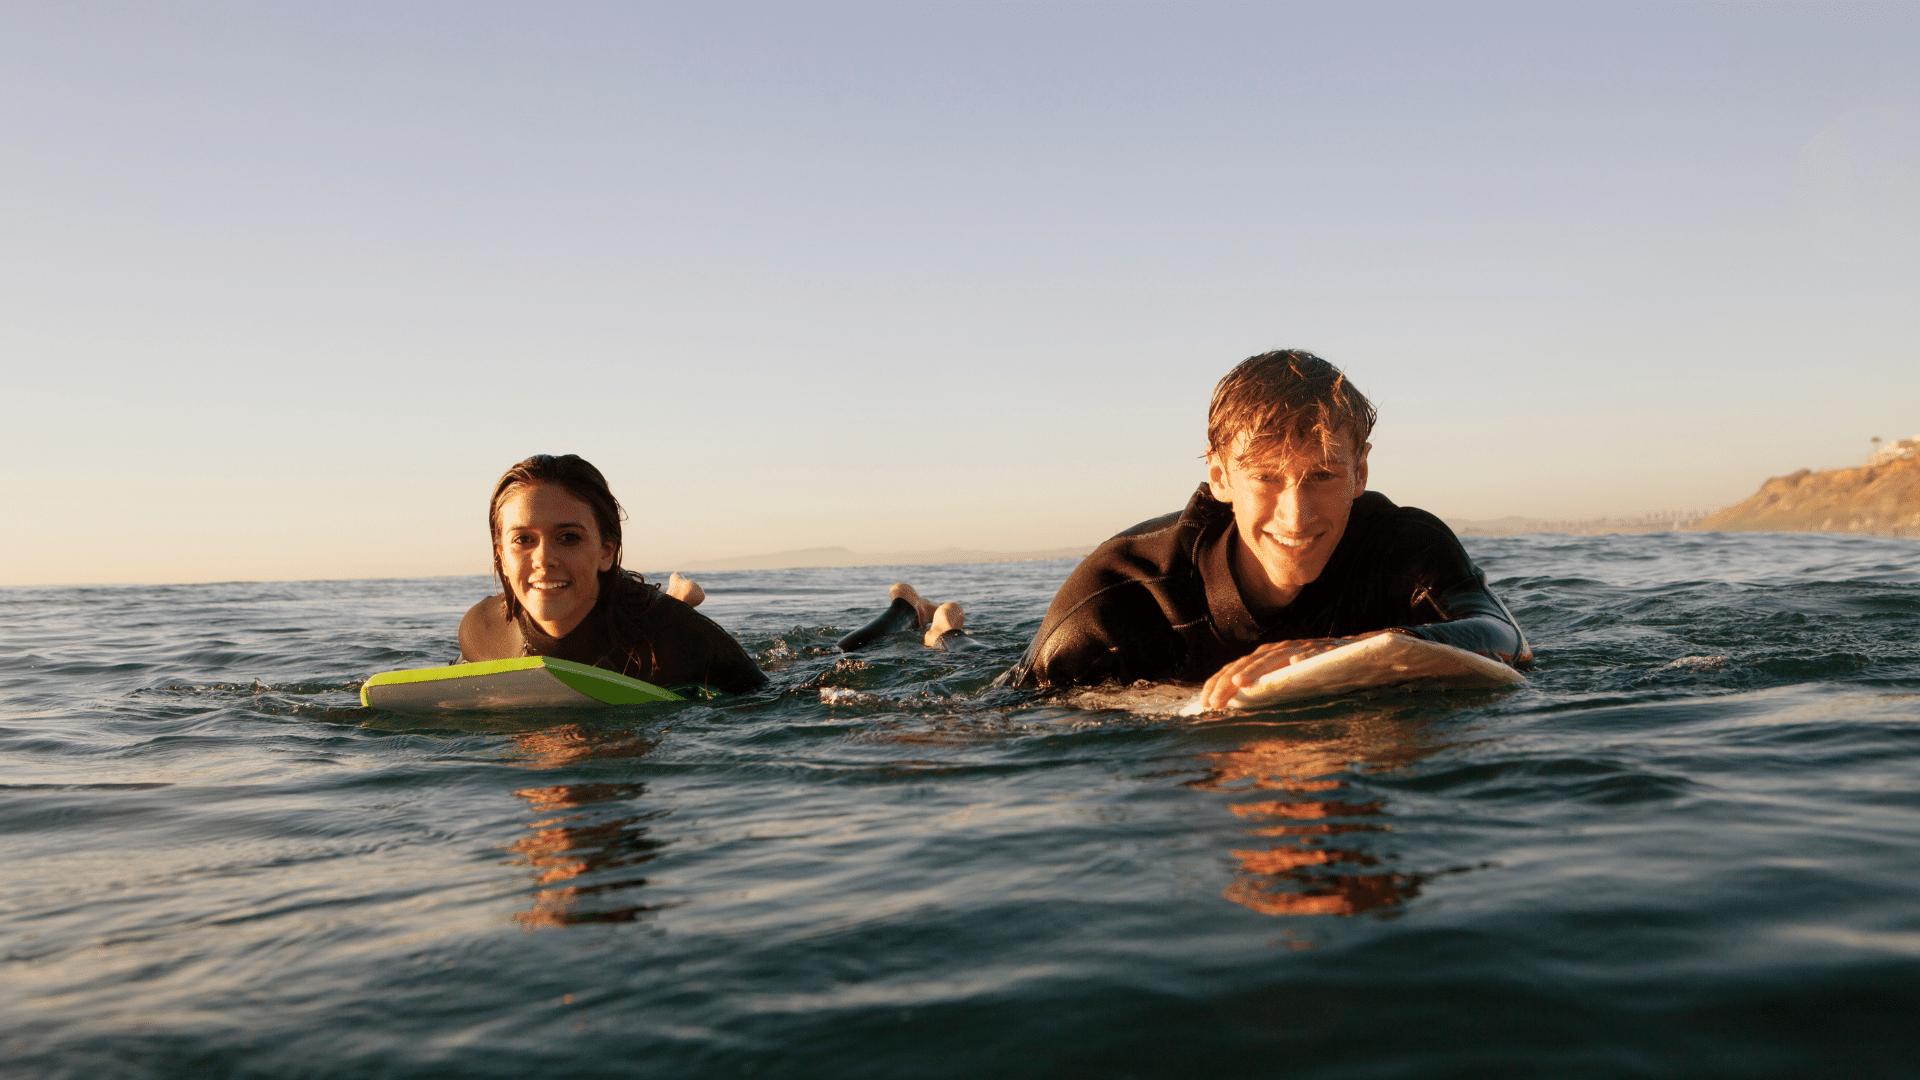 Stoke - Surfen und seine positiven mentalen Effekte.